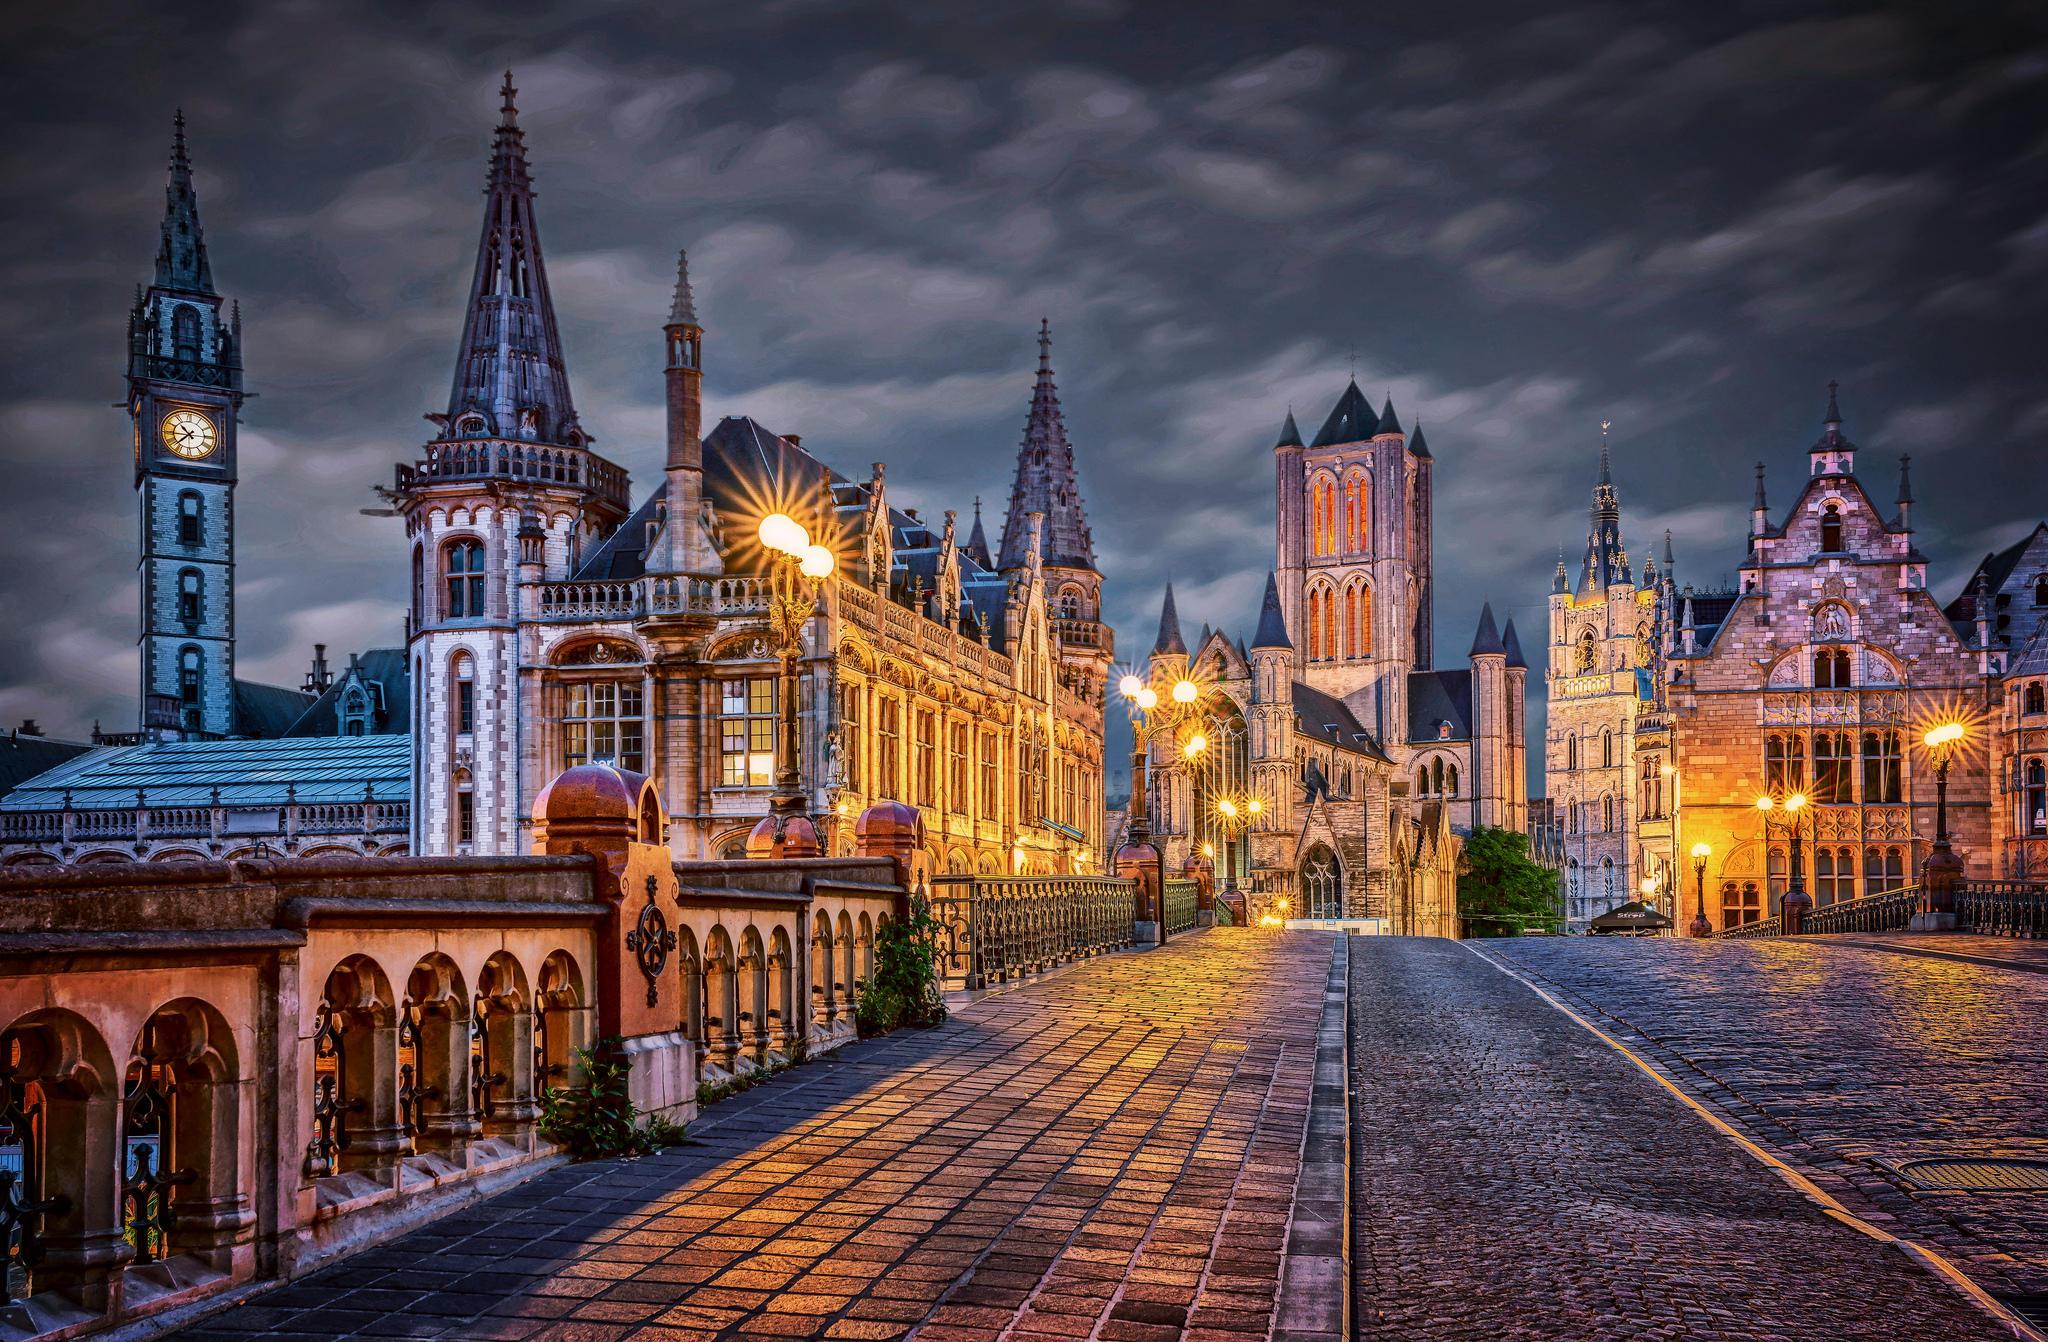 Гент, Бельгия, город, улица, ночь, огни, иллюминация